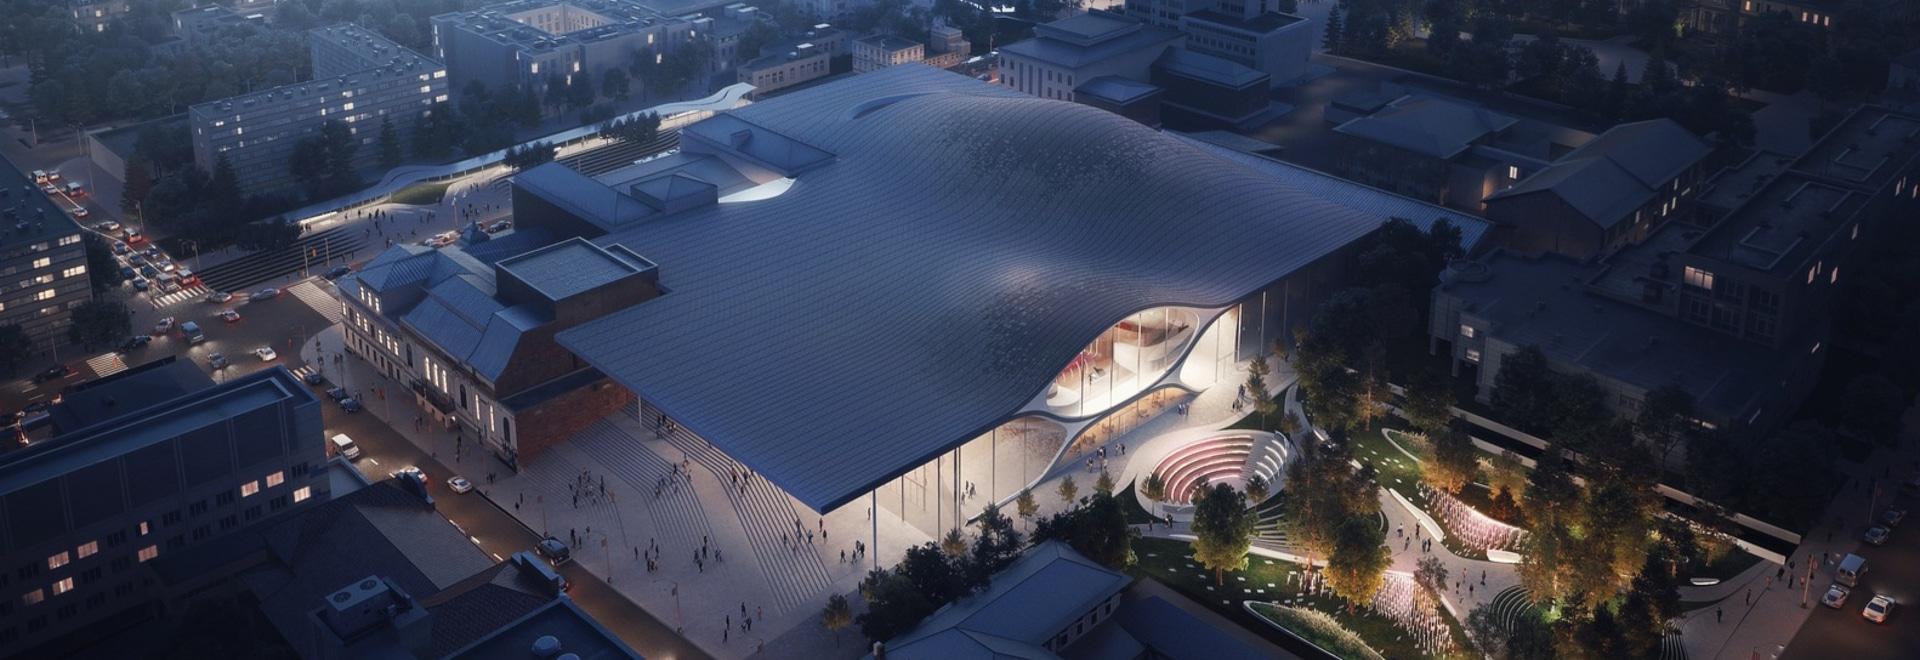 architetti del hadid di zaha per costruire da sala da concerto filarmonica ispirata soundwave in Russia